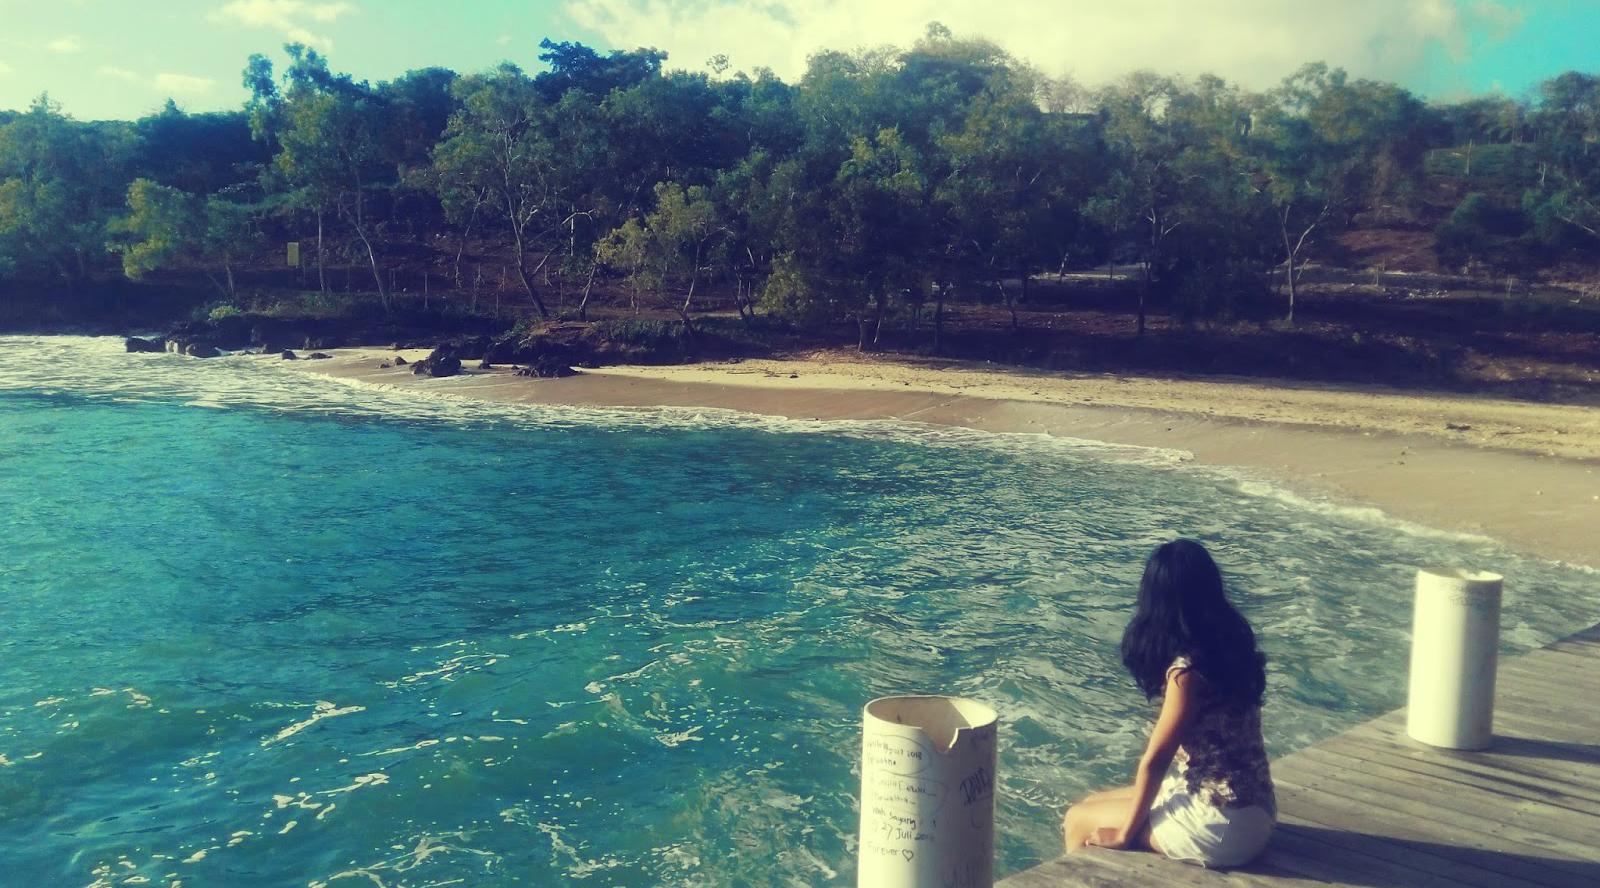 cewek igo kesepian di pantai cari cowok manis